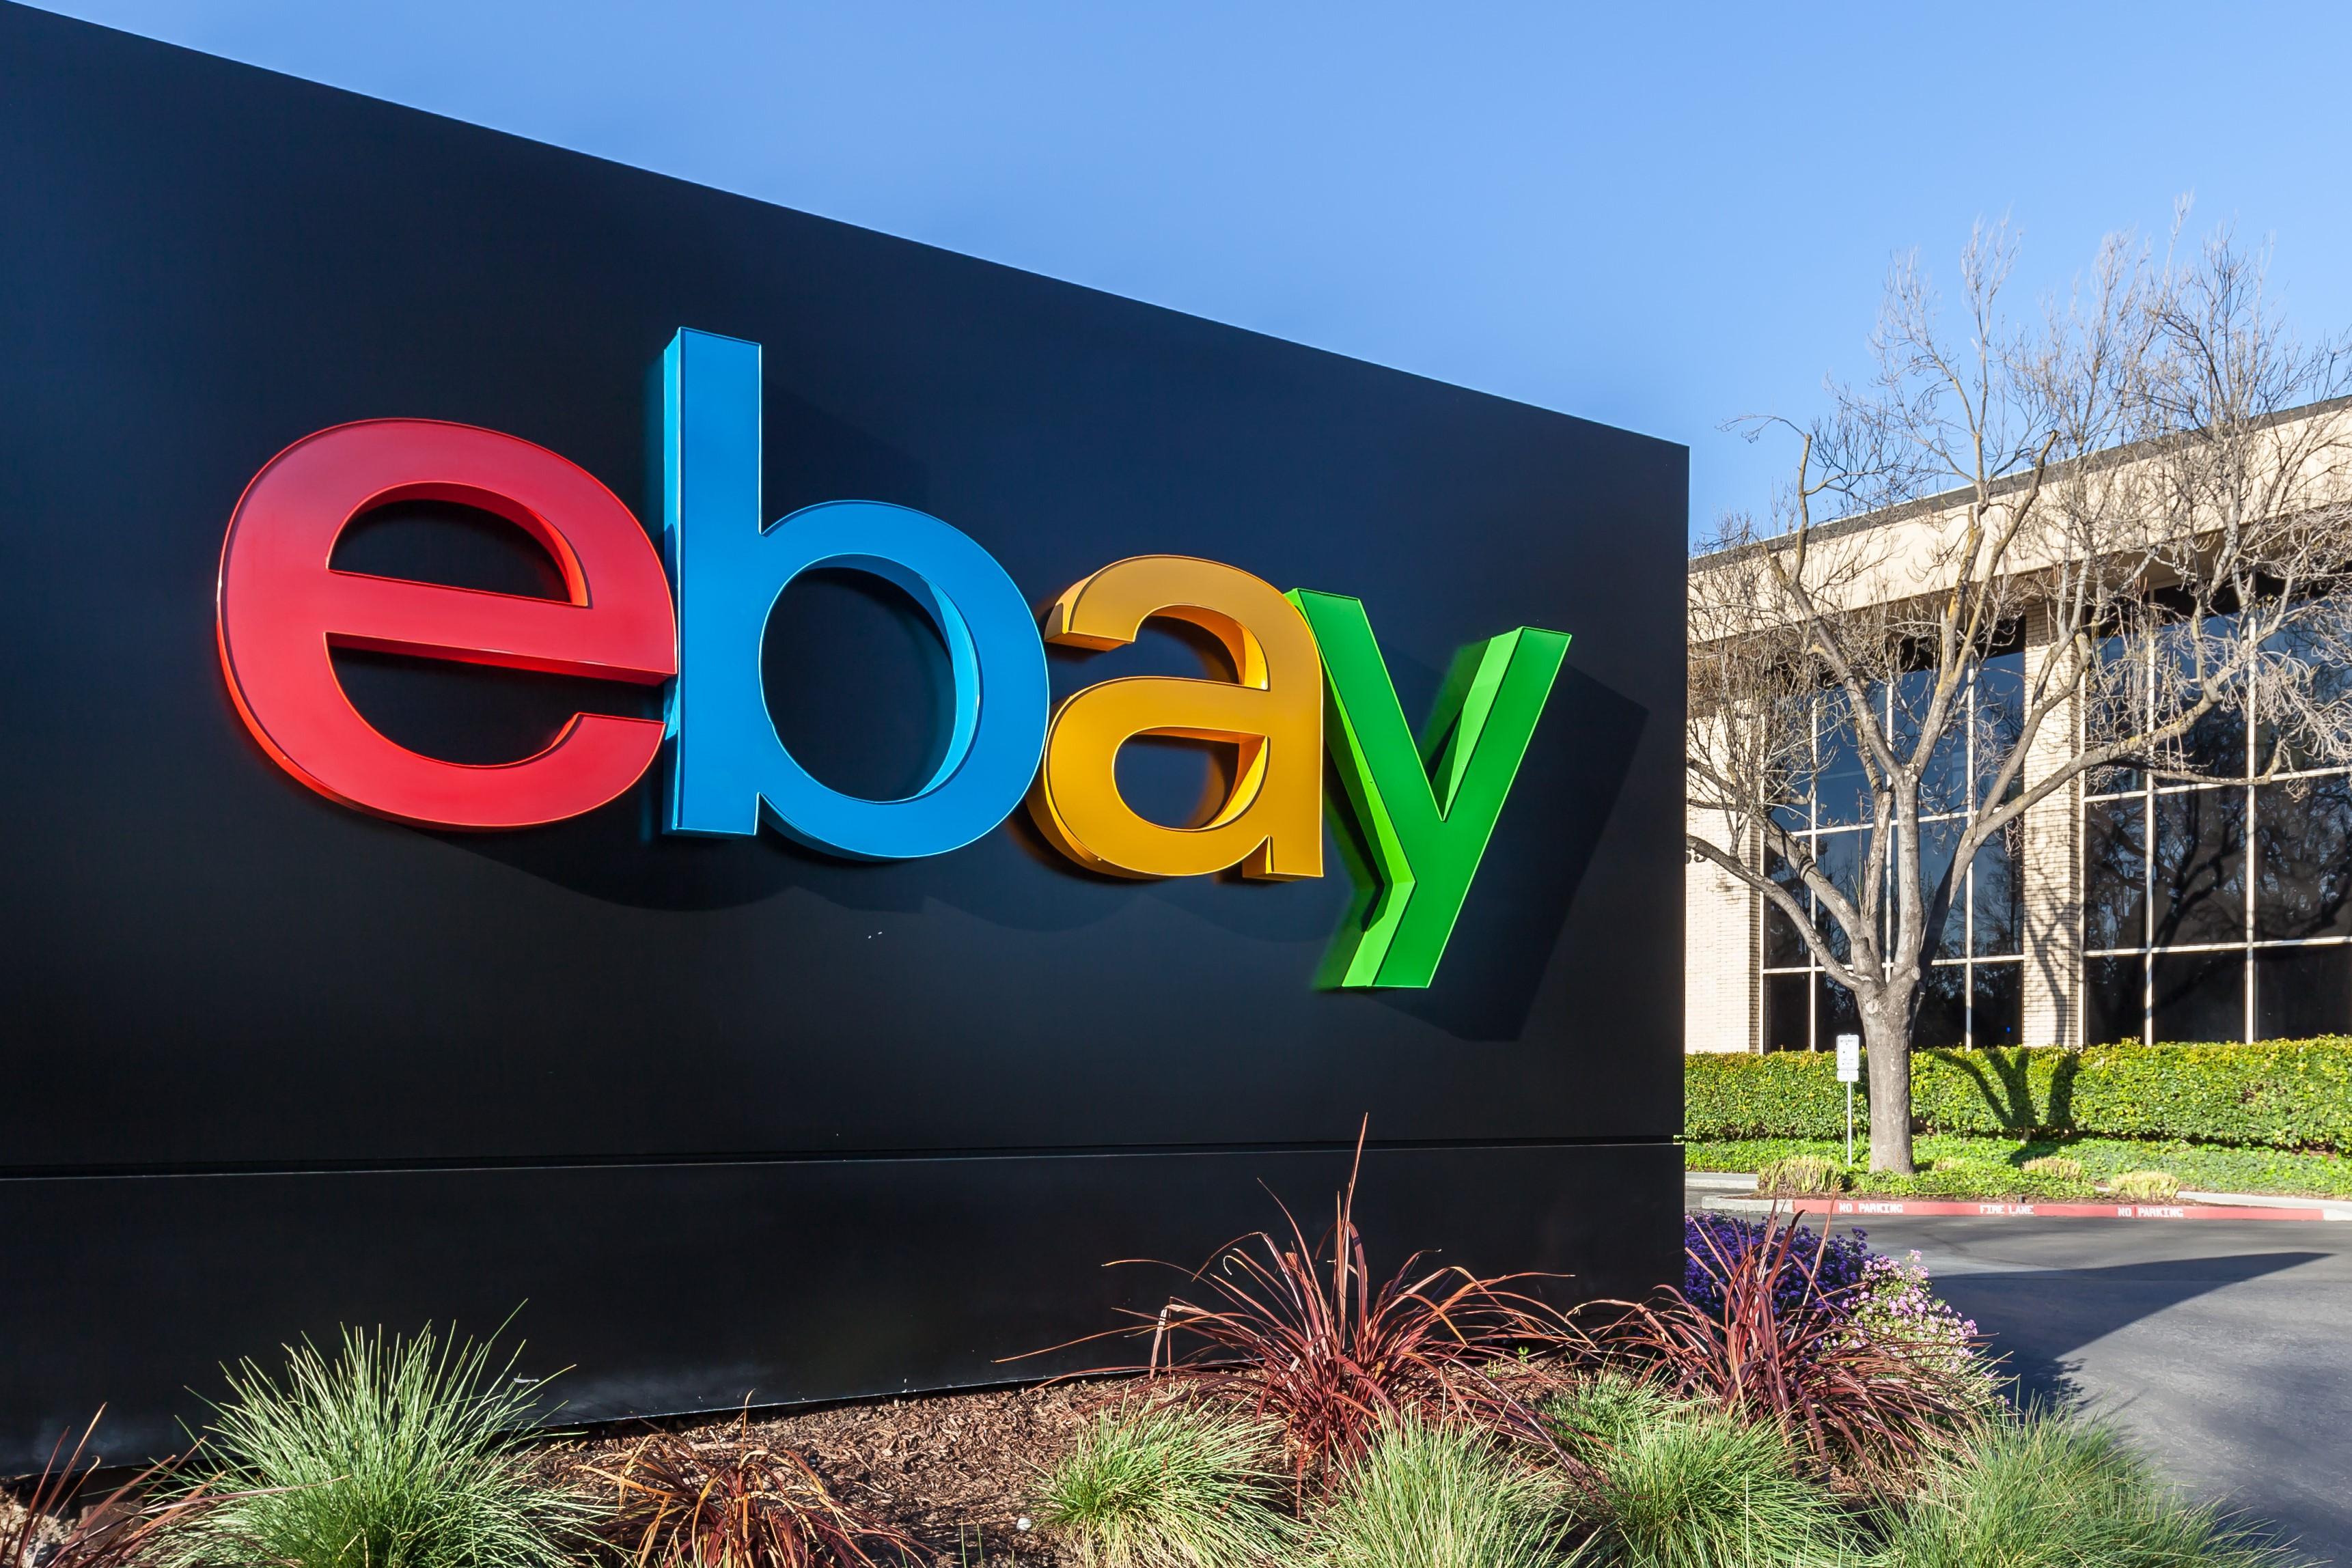 Ebay To Absorb Digital Tax